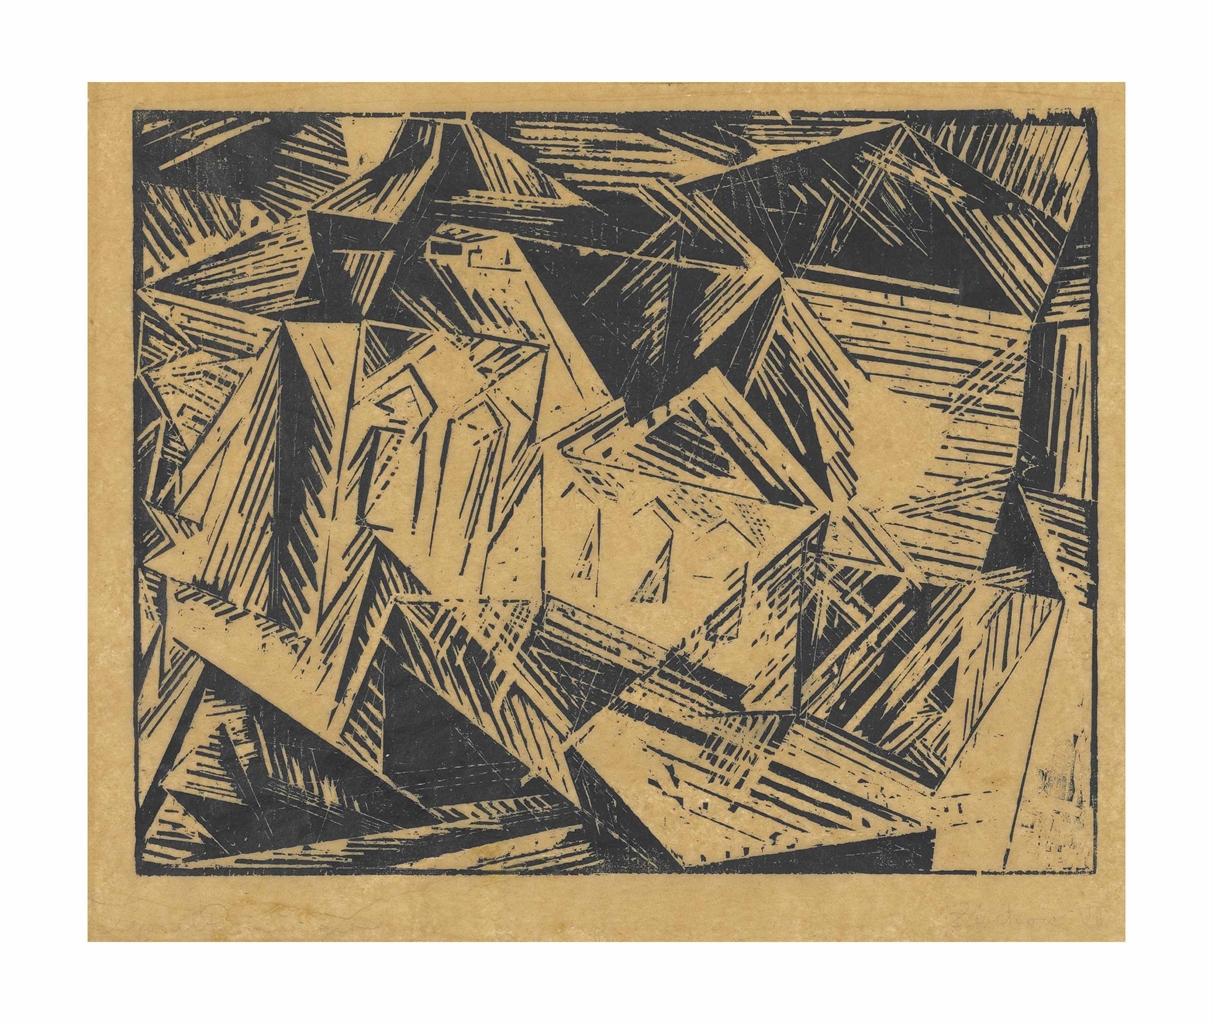 Lyonel Feininger-Zirchow VII, No. 1-1918